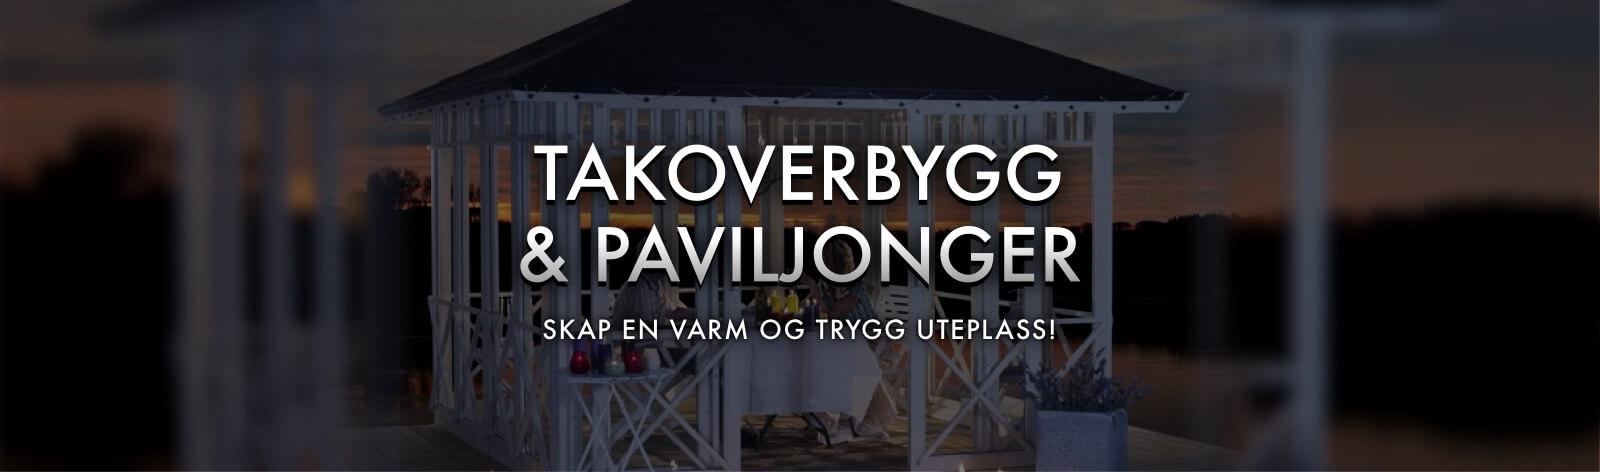 TAKOVERBYGG TIL DØR